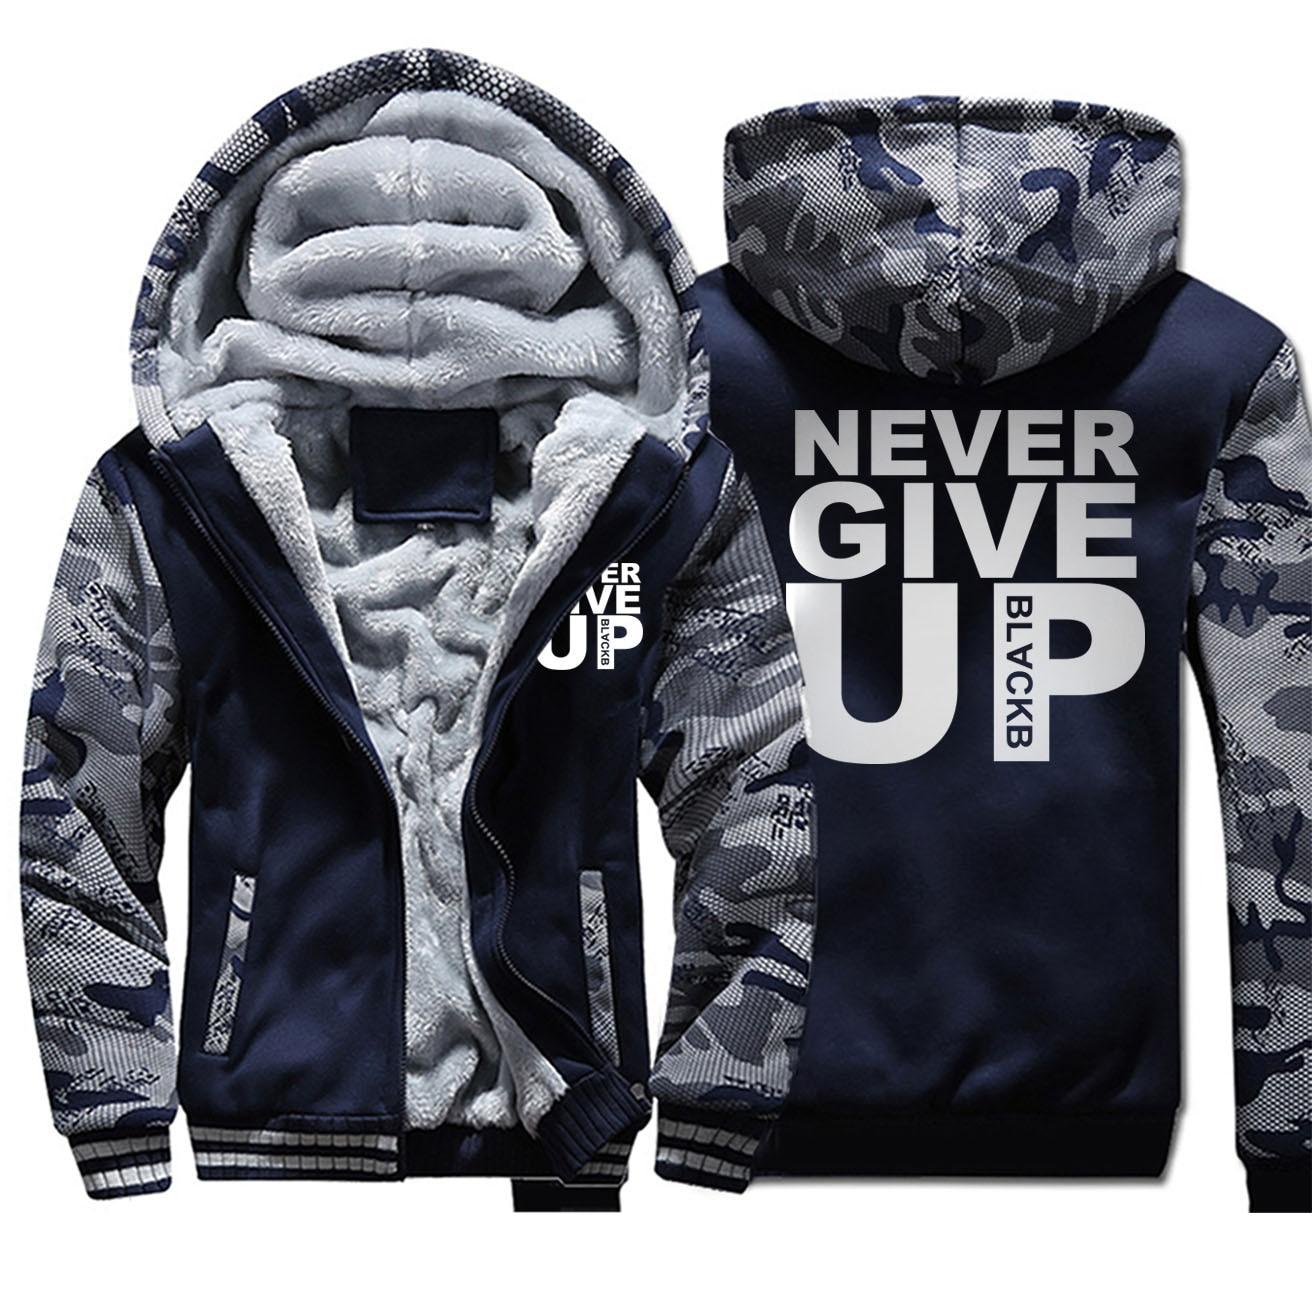 Мужская куртка с надписью «Never Give Up», пальто Salah Барселона, футбольная куртка премиум класса, уличная теплая зимняя повседневная верхняя оде...